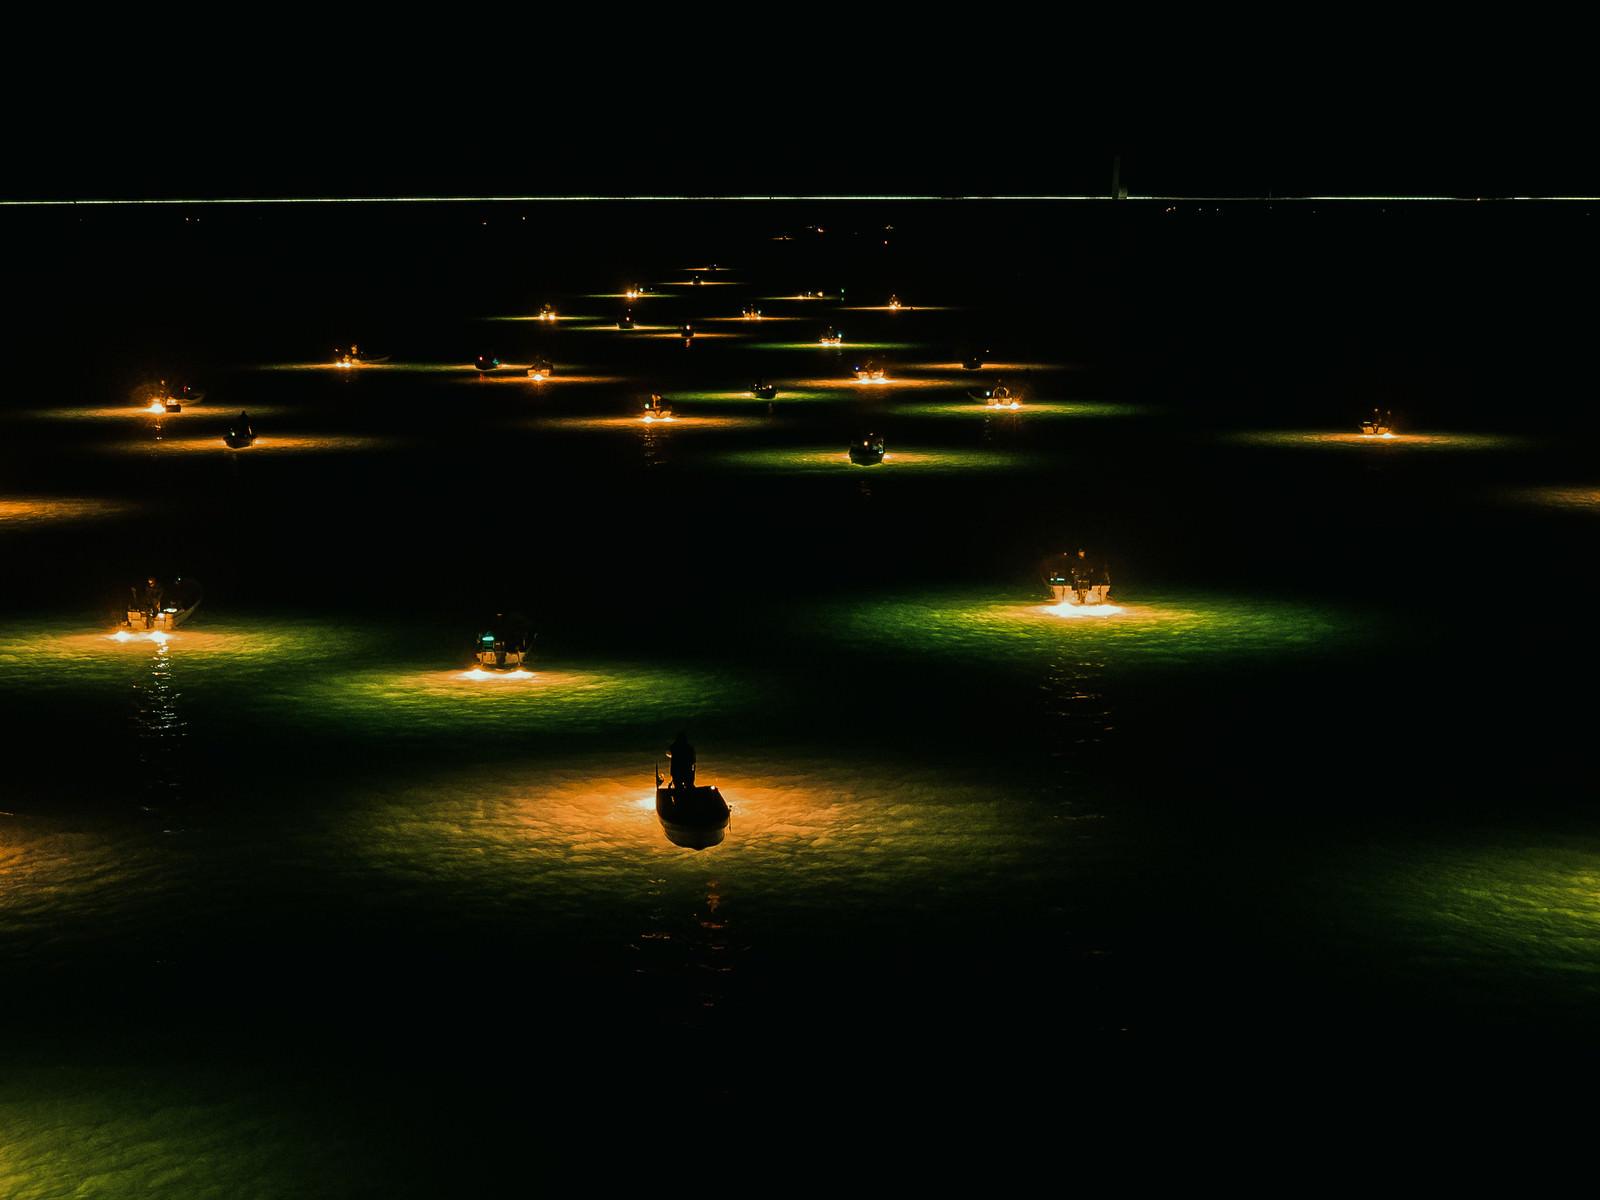 「吉野川シラスウナギ漁(夜間)吉野川シラスウナギ漁(夜間)」のフリー写真素材を拡大